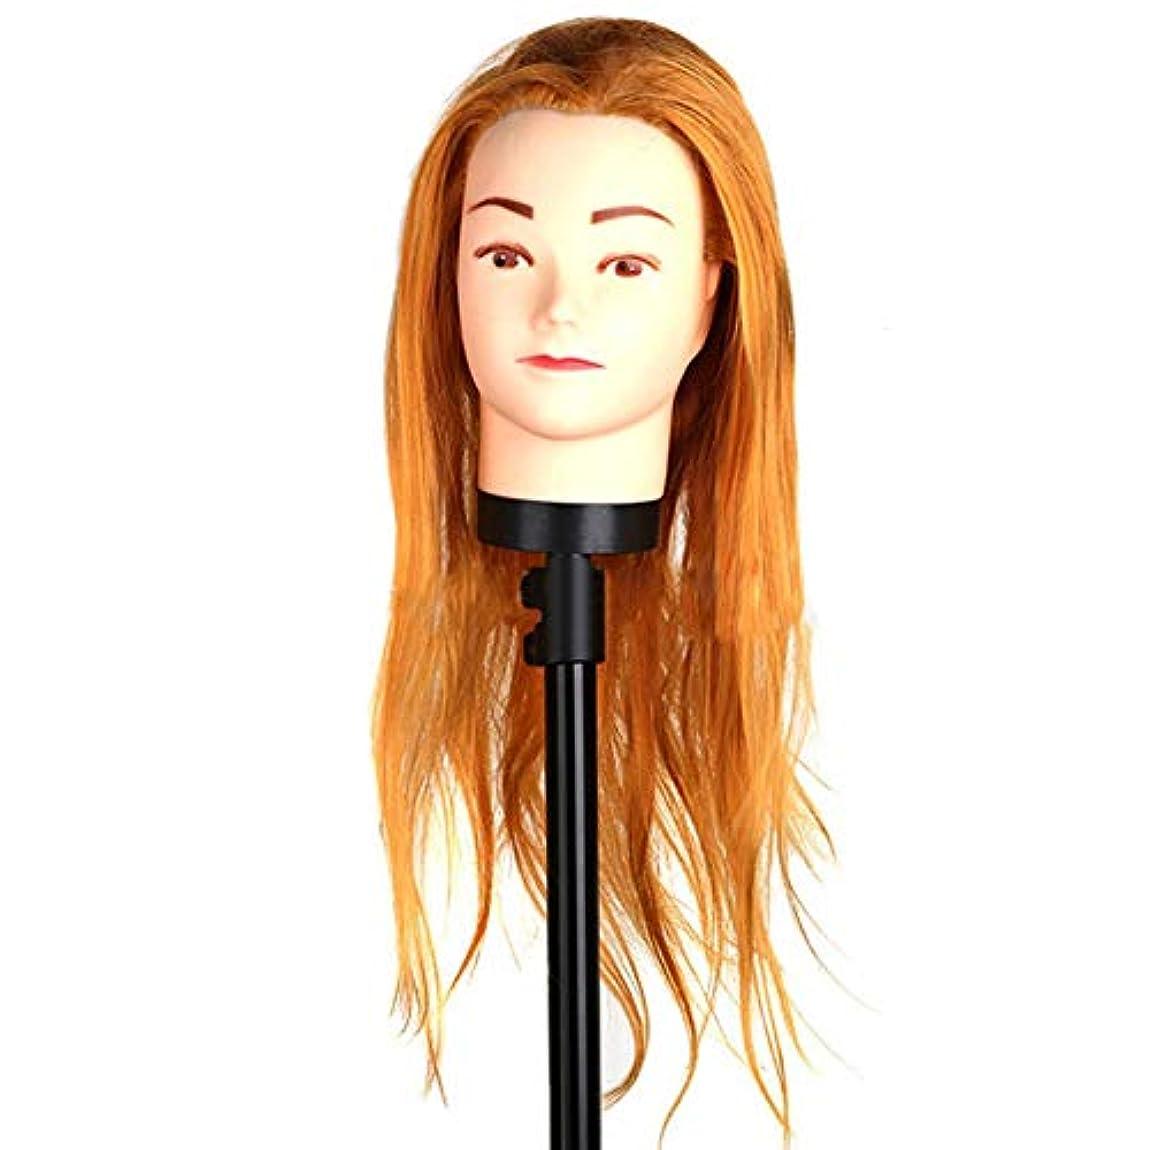 。モッキンバード風高温繊維かつらヘッドモールドメイクヘアスタイリングヘッドヘアーサロントレーニング学習ヘアカットデュアルユースダミー人間の頭